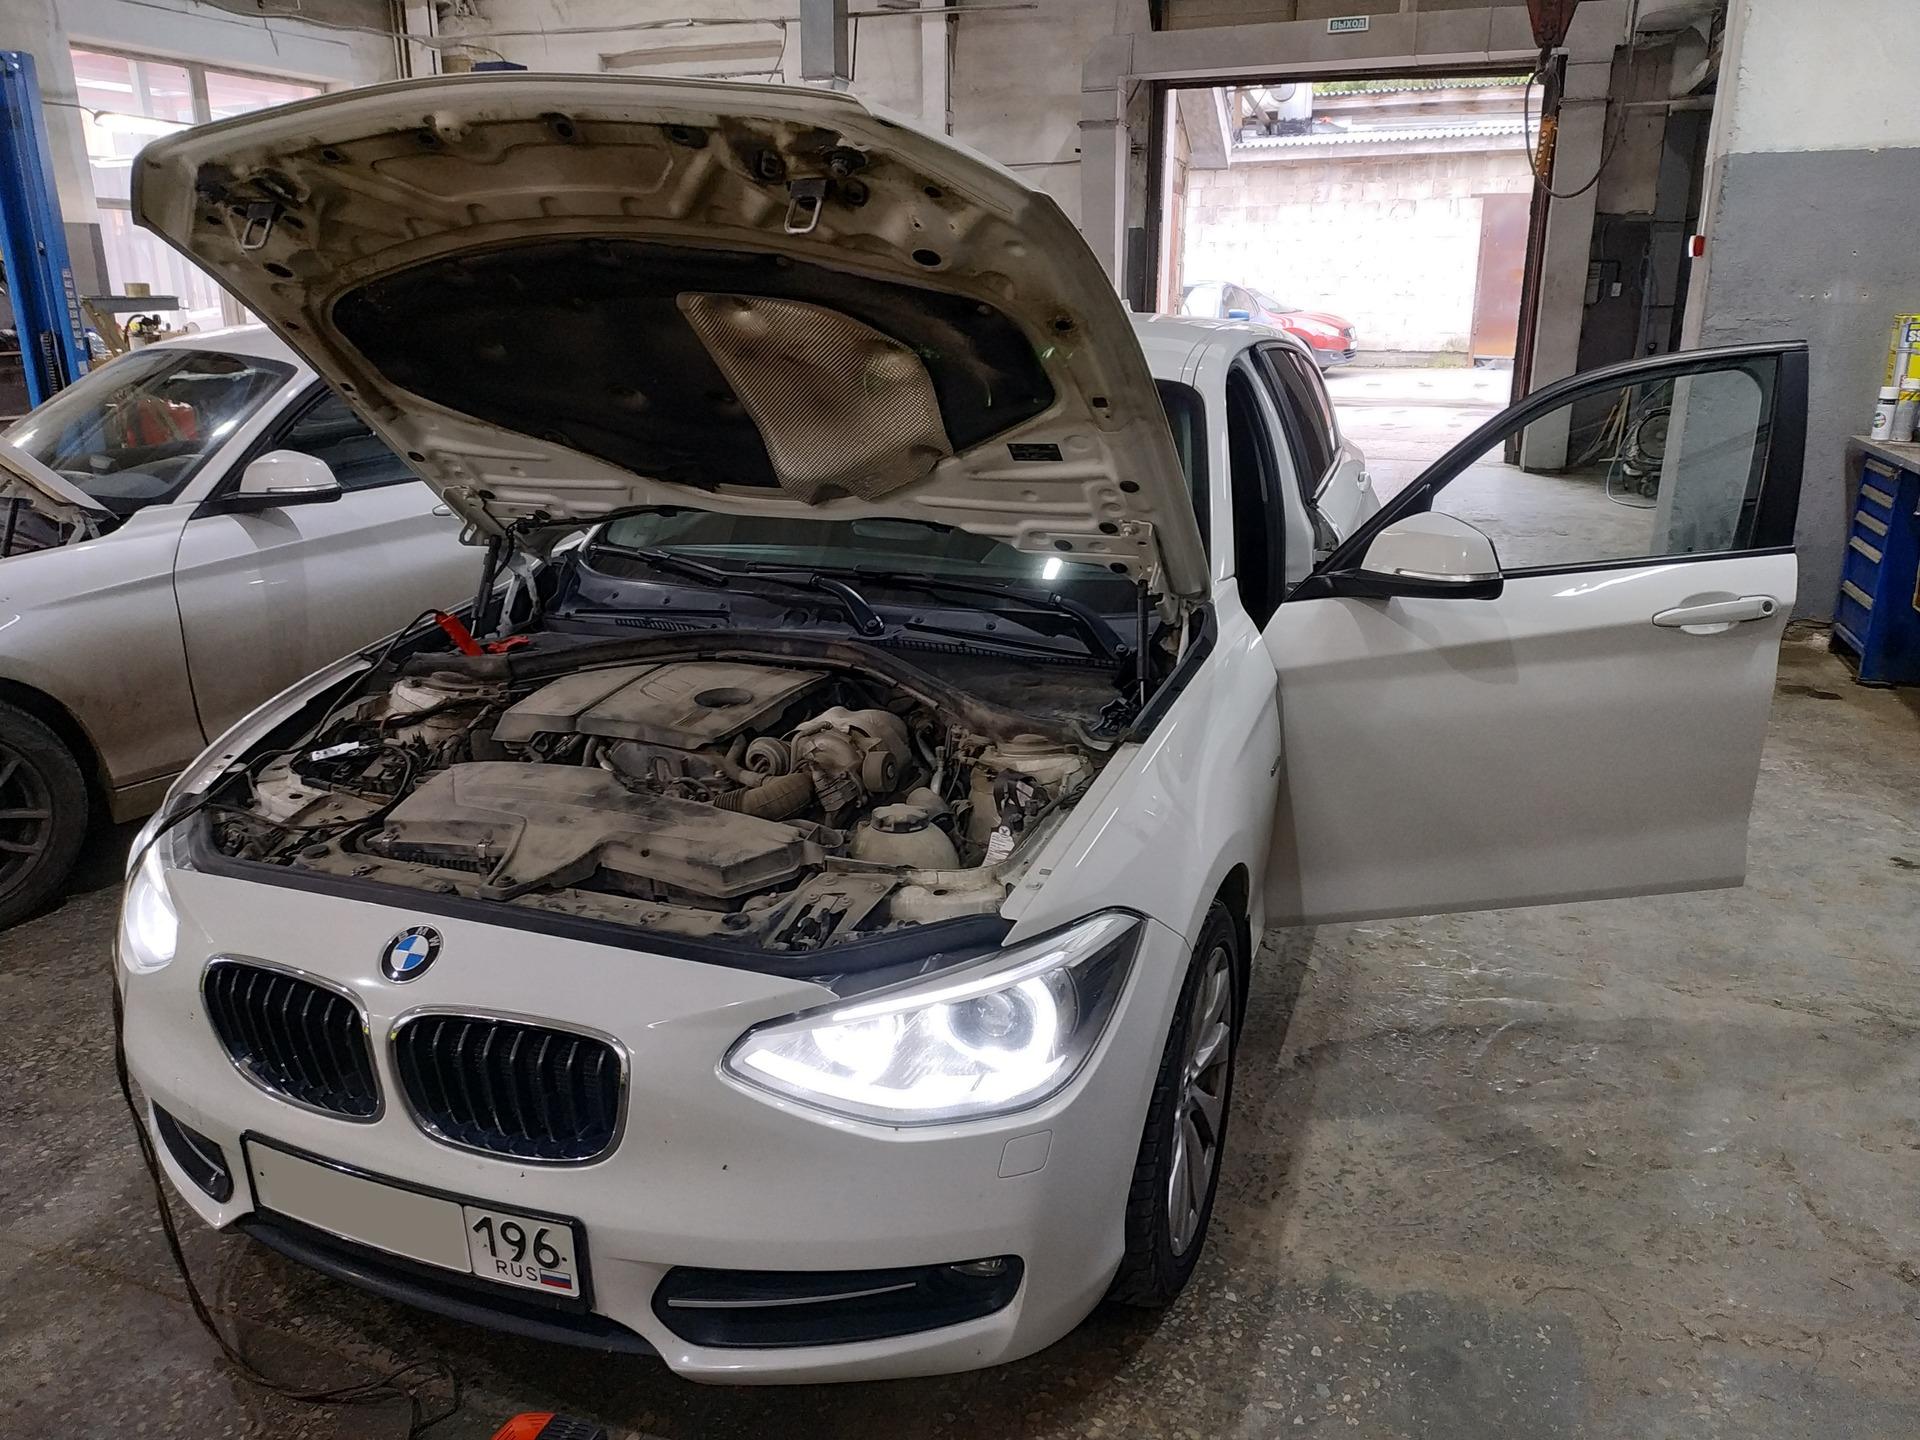 BMW F20 116i 2014 г.в.